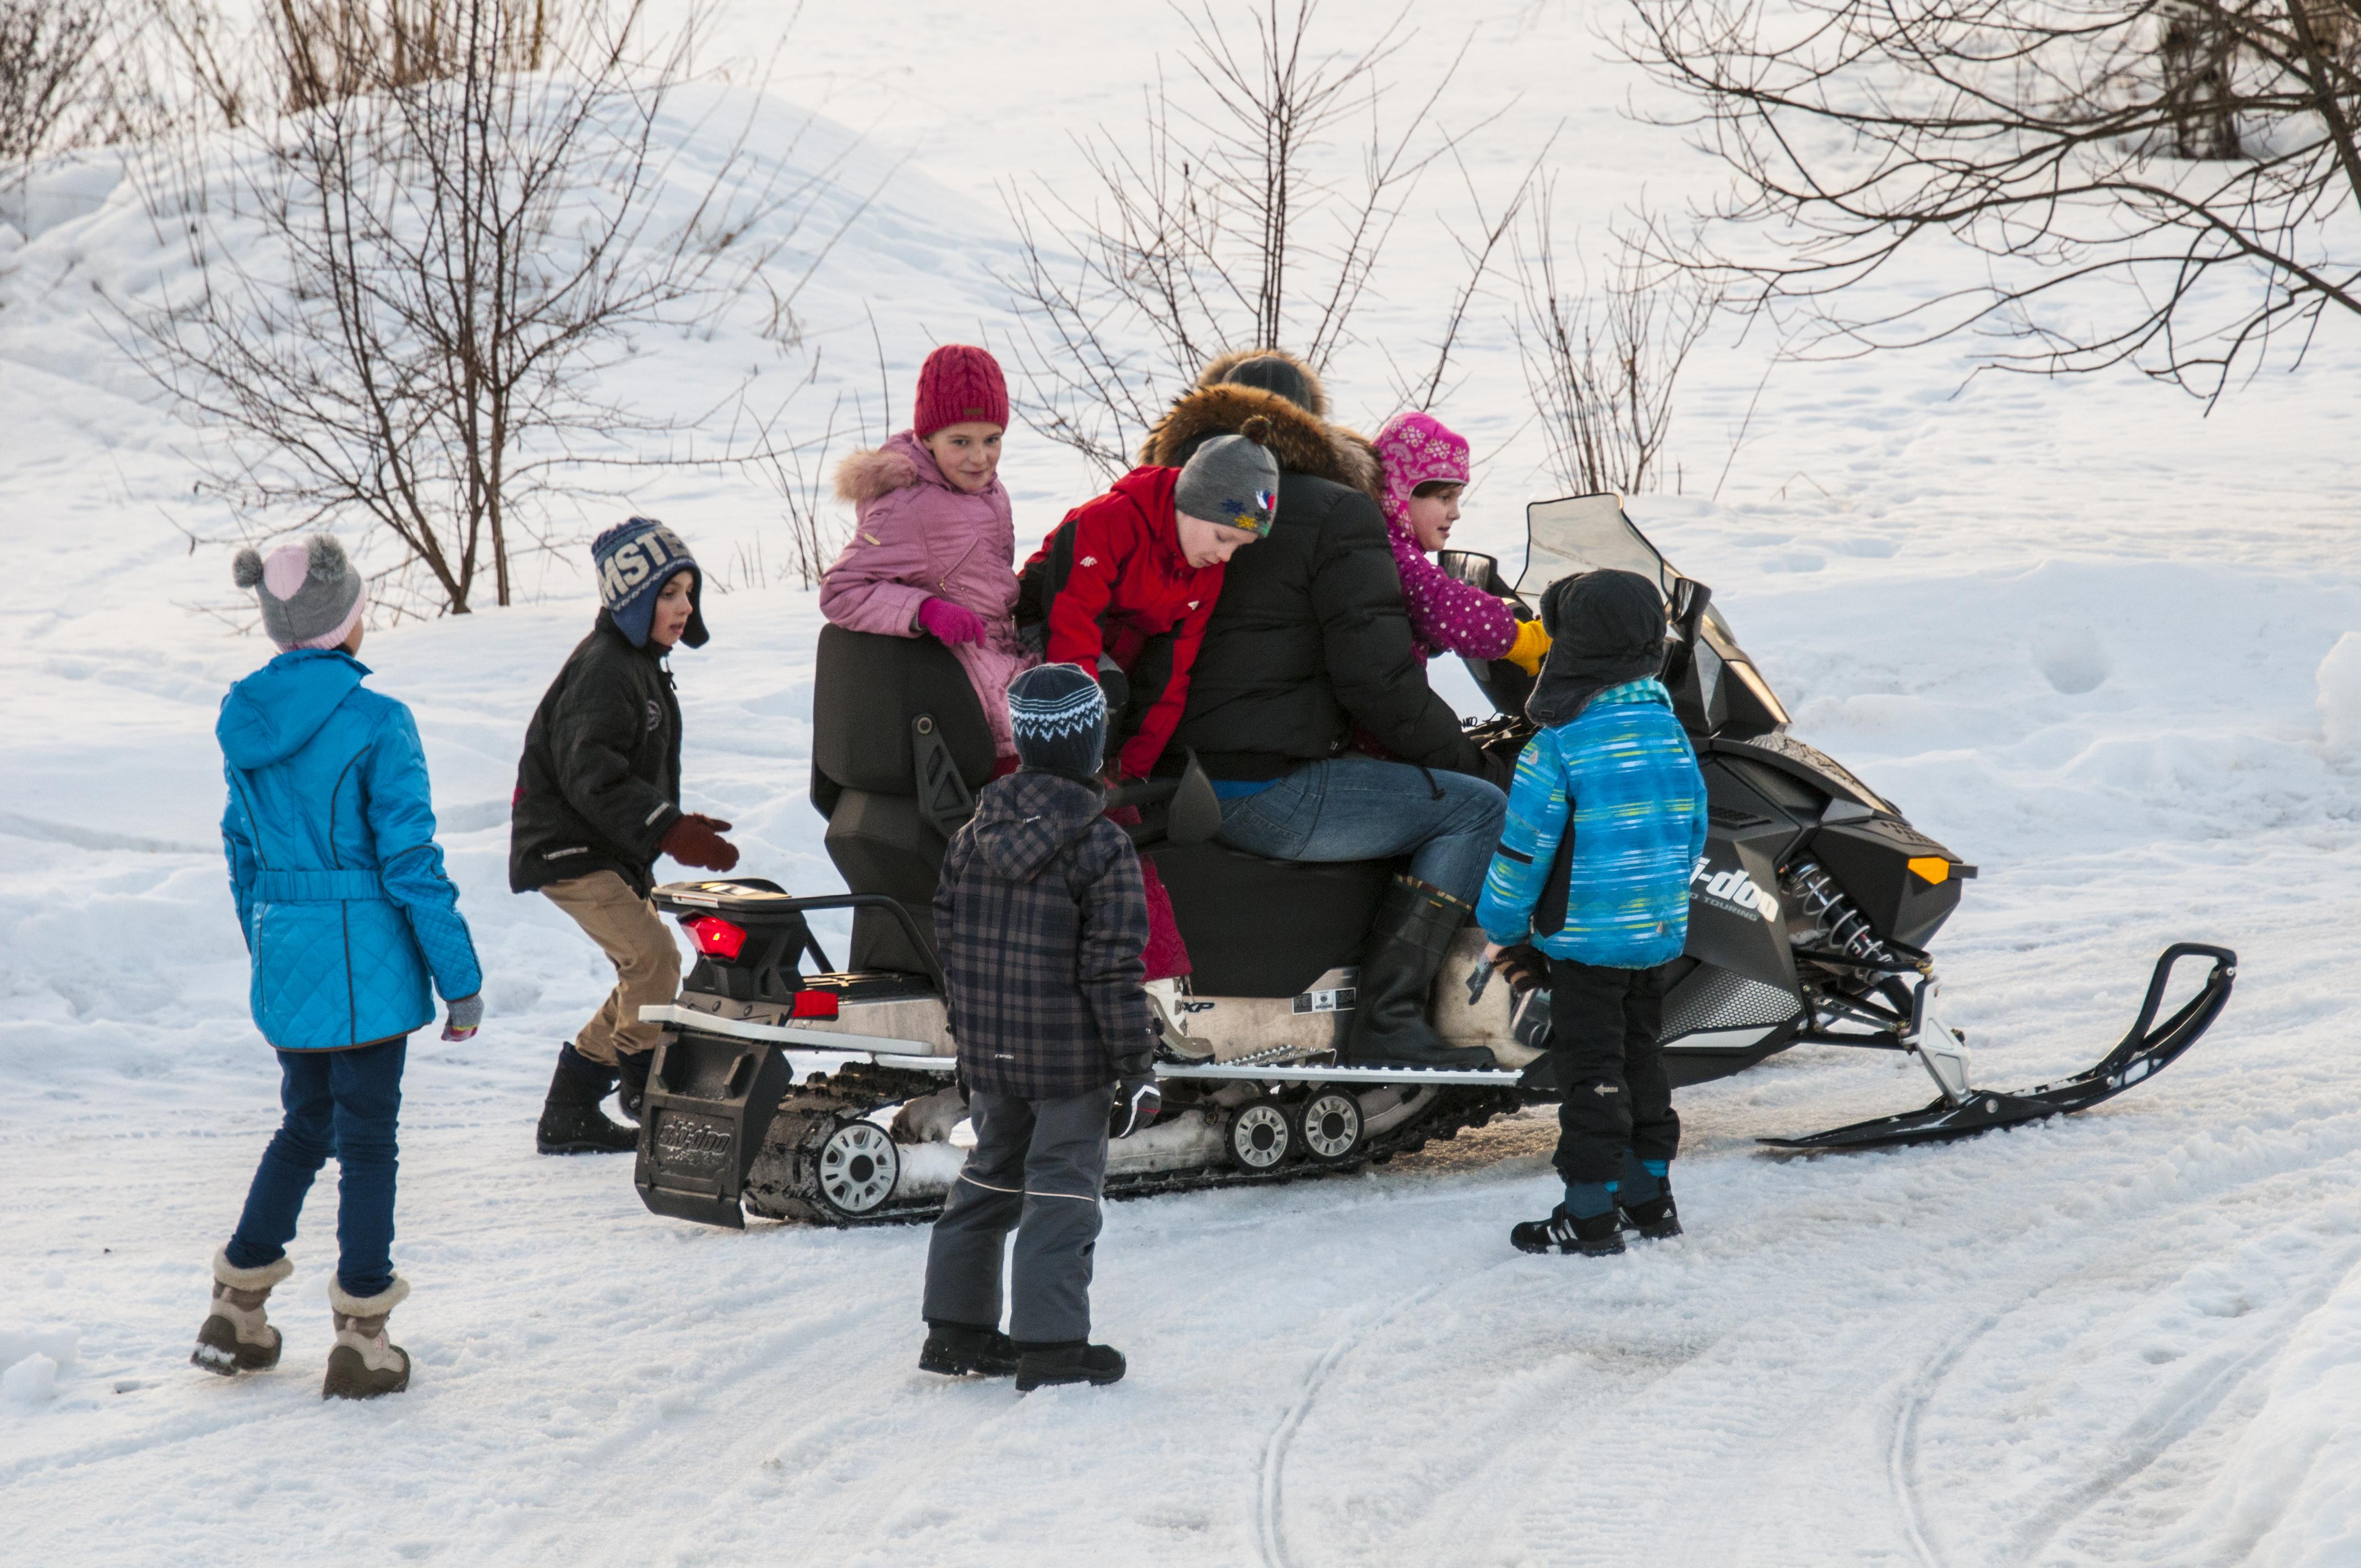 Дети на снегоходе.